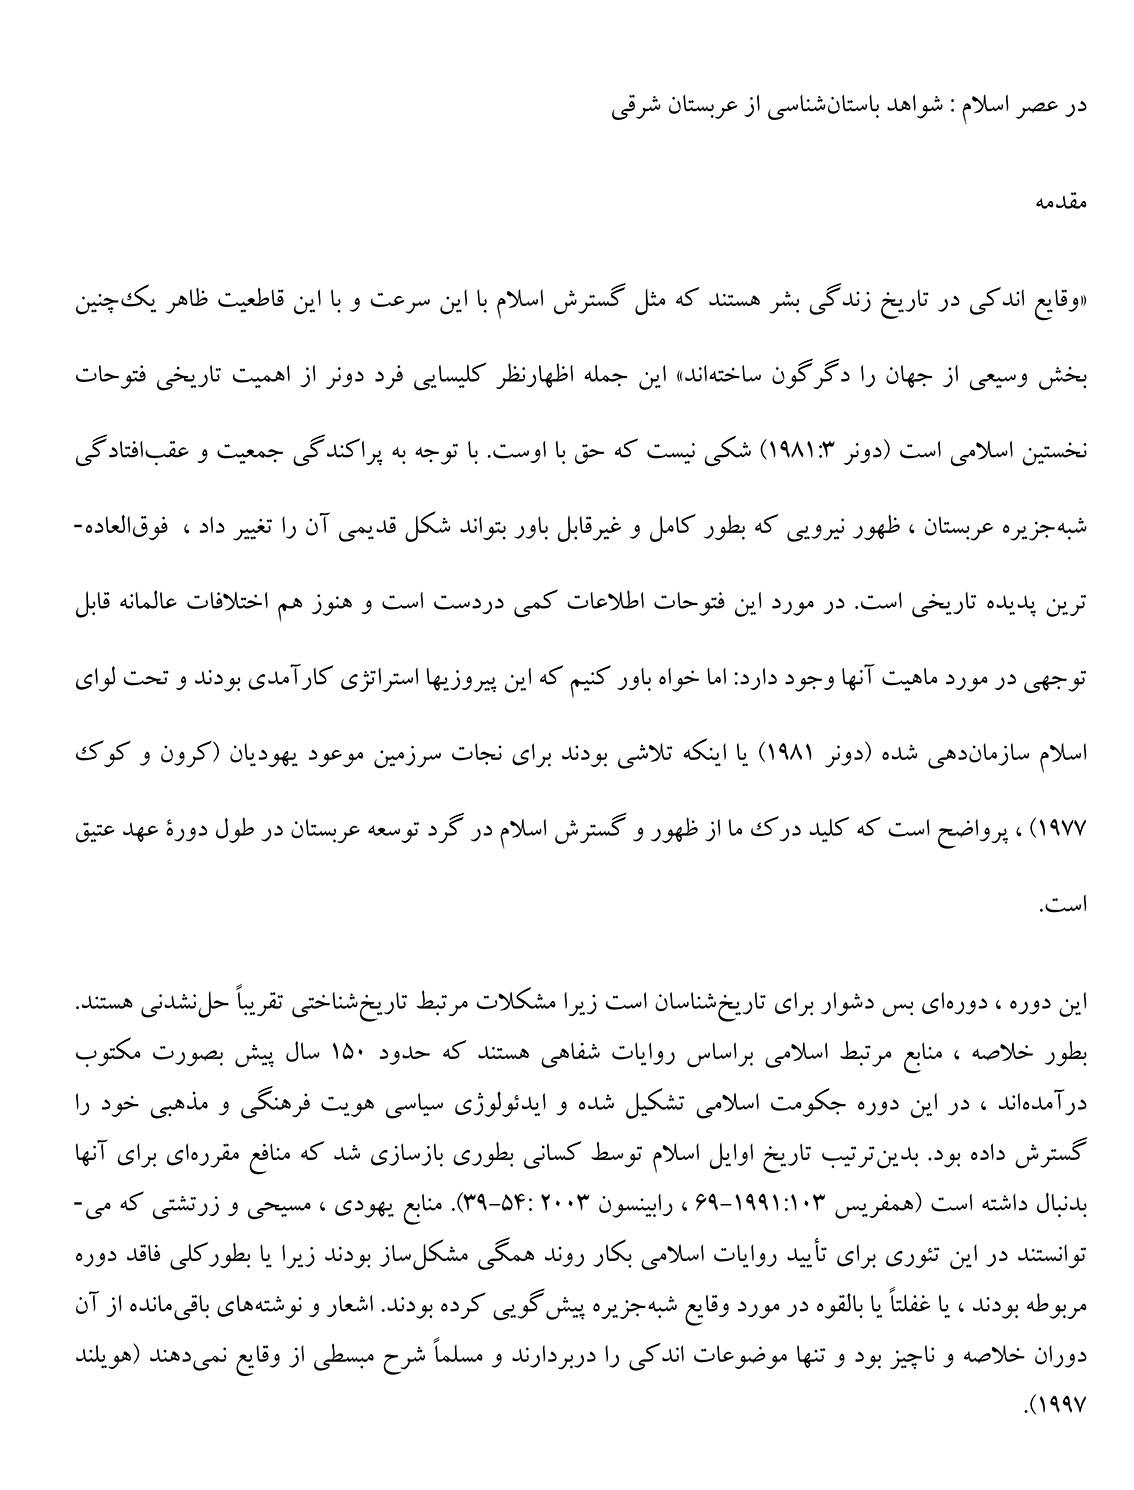 ترجمه مقاله و تحقیق - شواهد باستان شناسی از عربستان شرقی